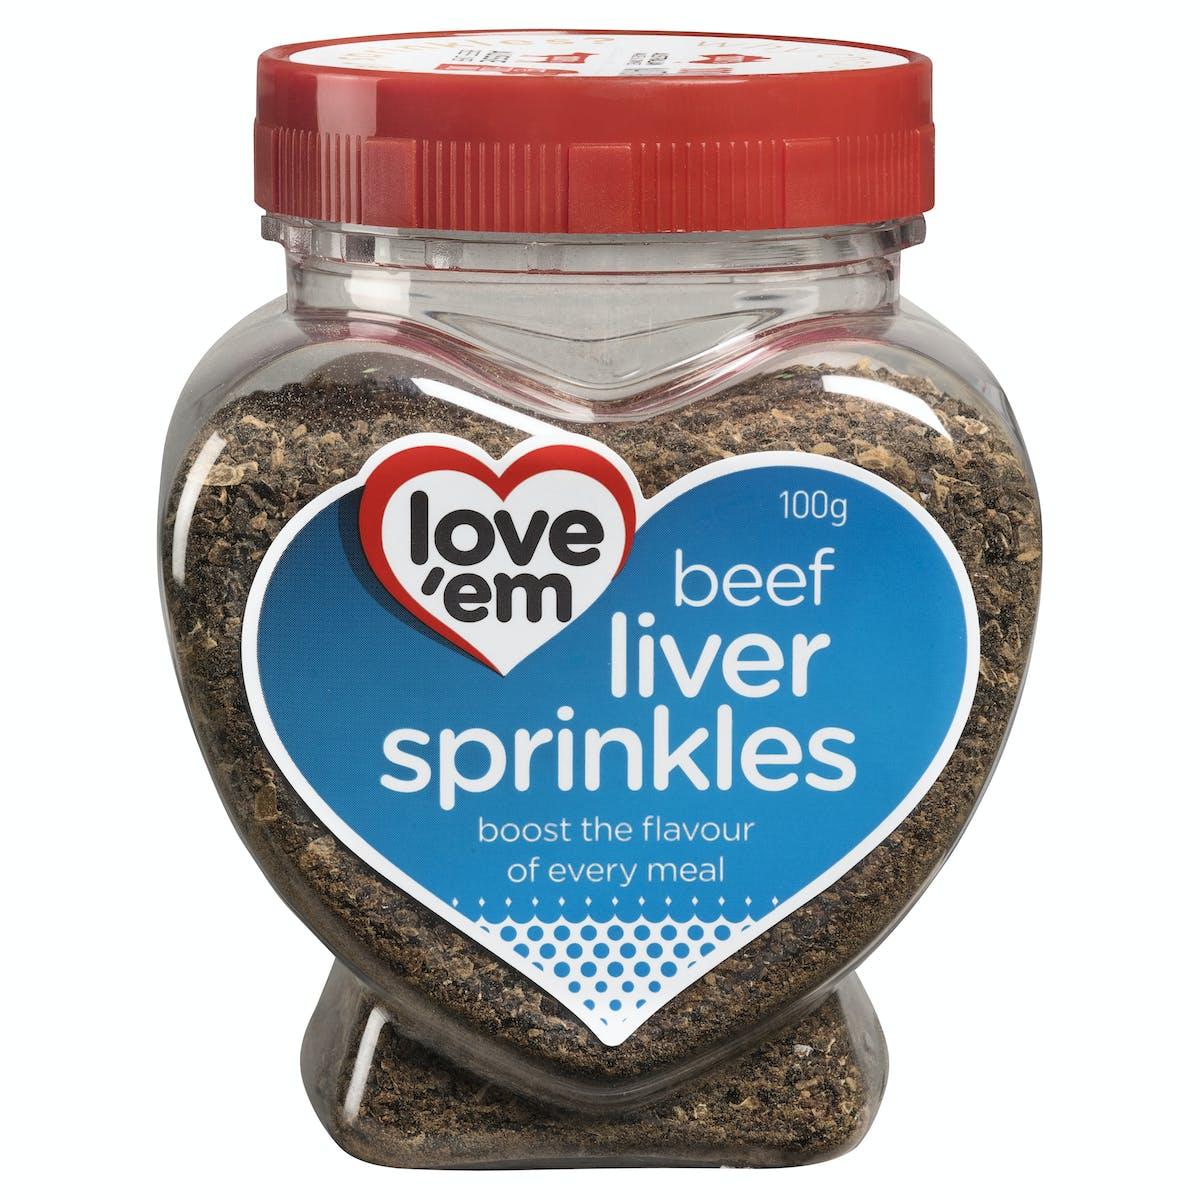 Love'em | beef liver sprinkles | Health dog | Front of pack